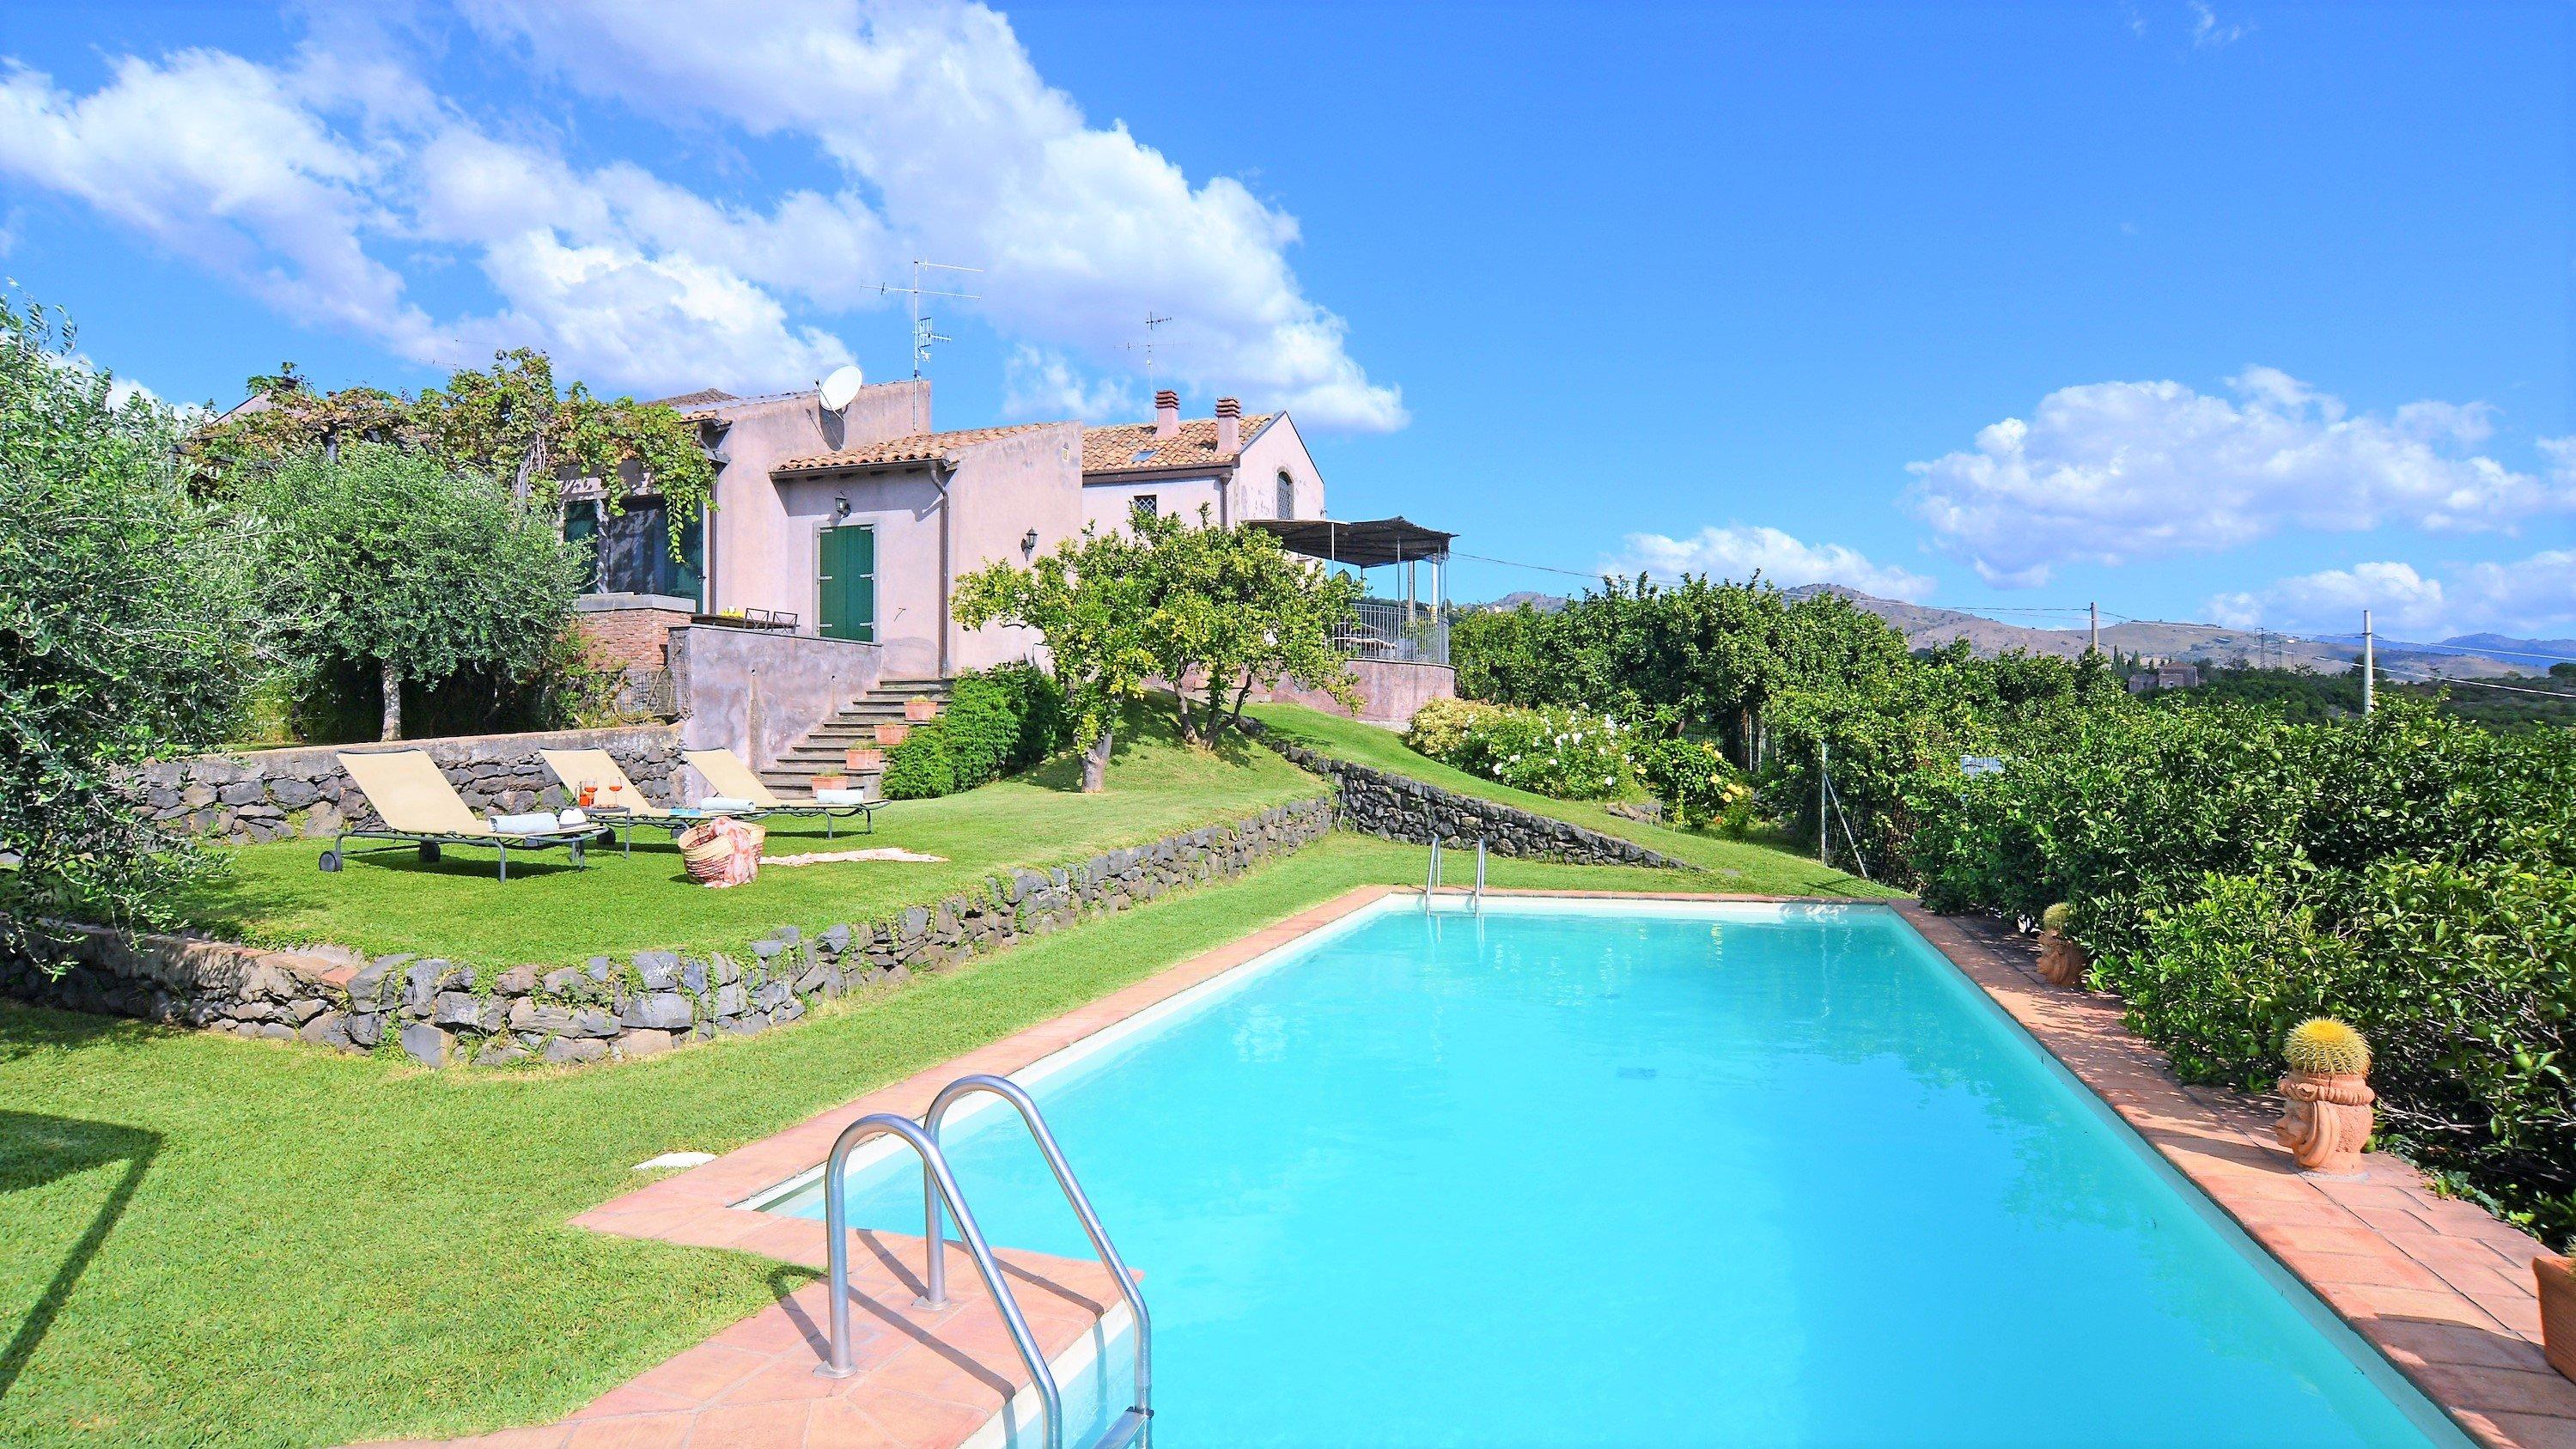 Villa degli Aranci - Sicily - Fiumefreddo